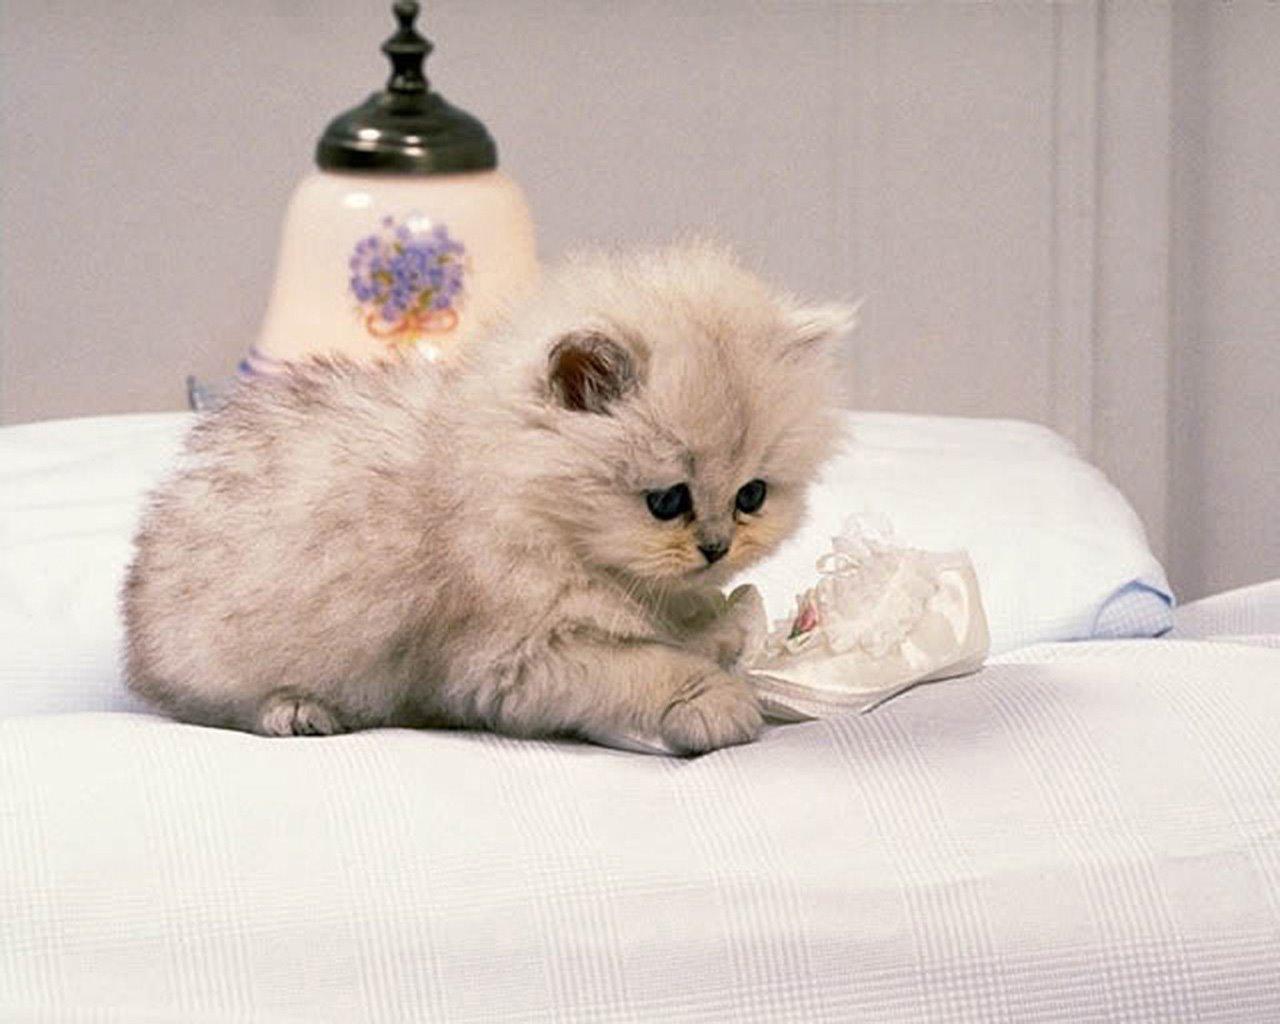 http://2.bp.blogspot.com/-OZnJc_sB1cM/TccTjFazXrI/AAAAAAAACKE/_aSGQe71L6Q/s1600/ws_cute_cat_1280x1024.jpg